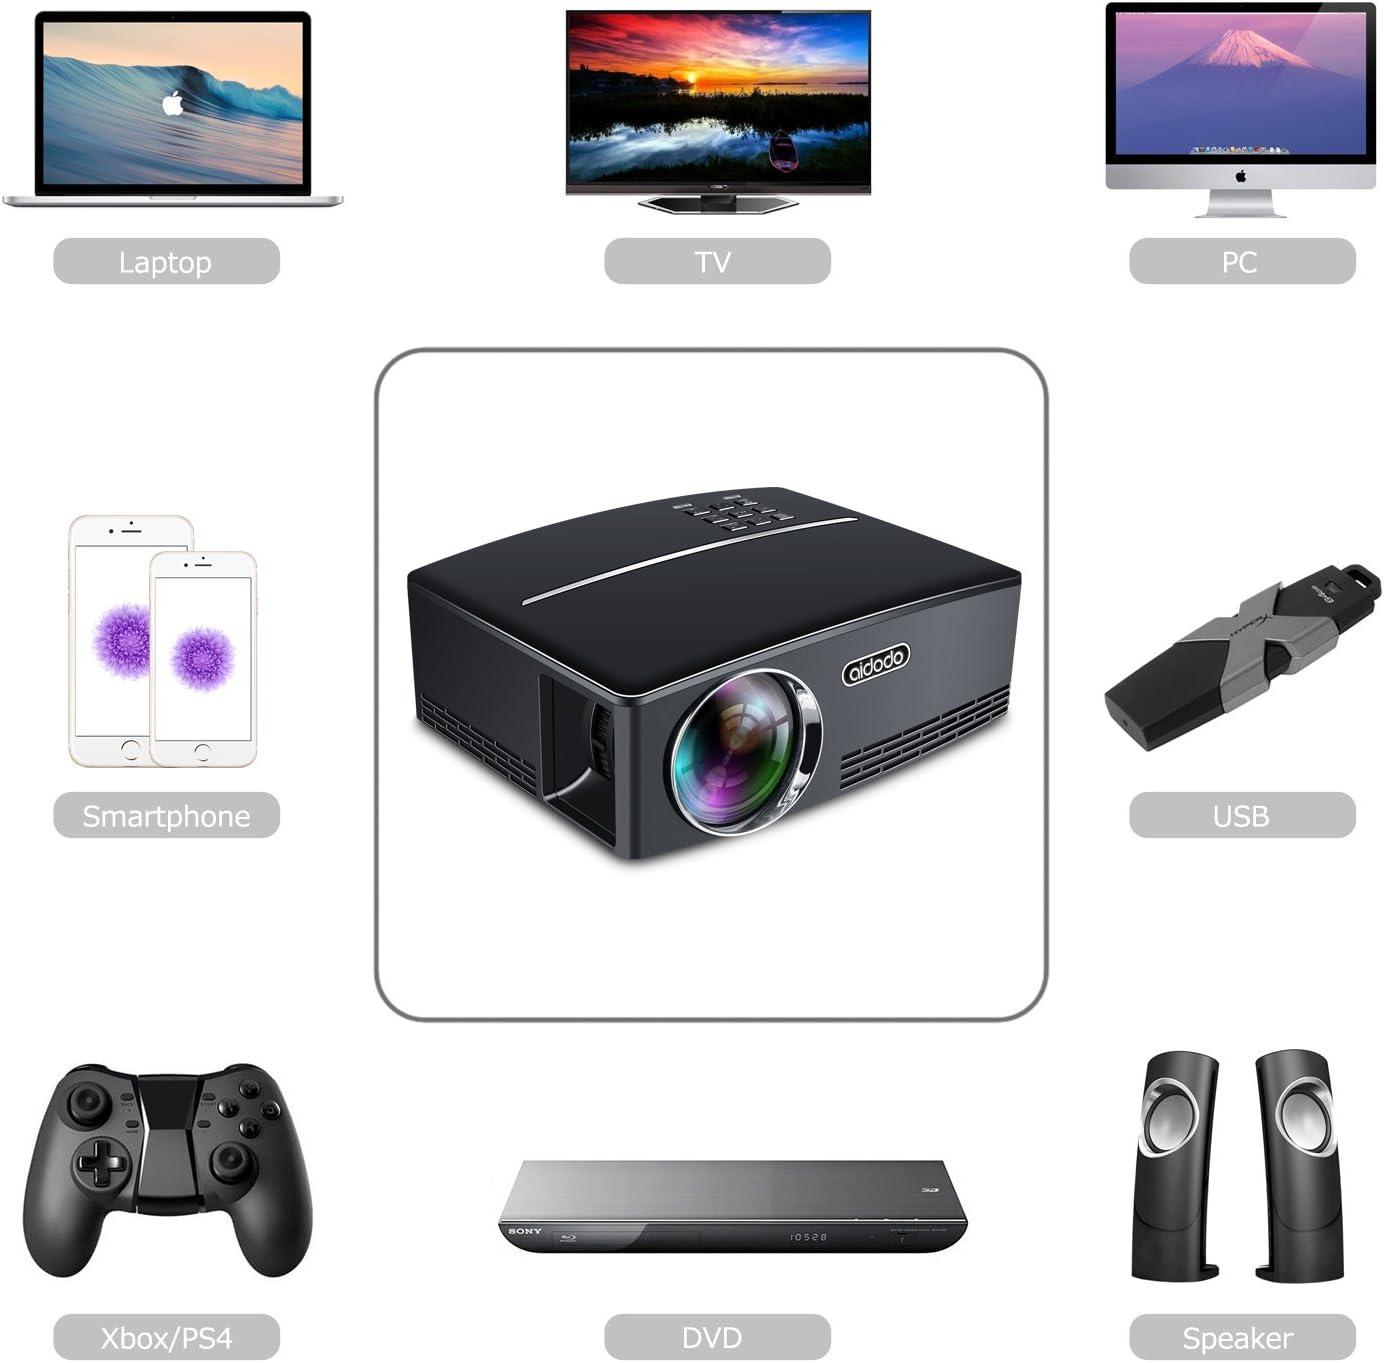 Proyector TOQIBO con conector HDMI: Amazon.es: Electrónica